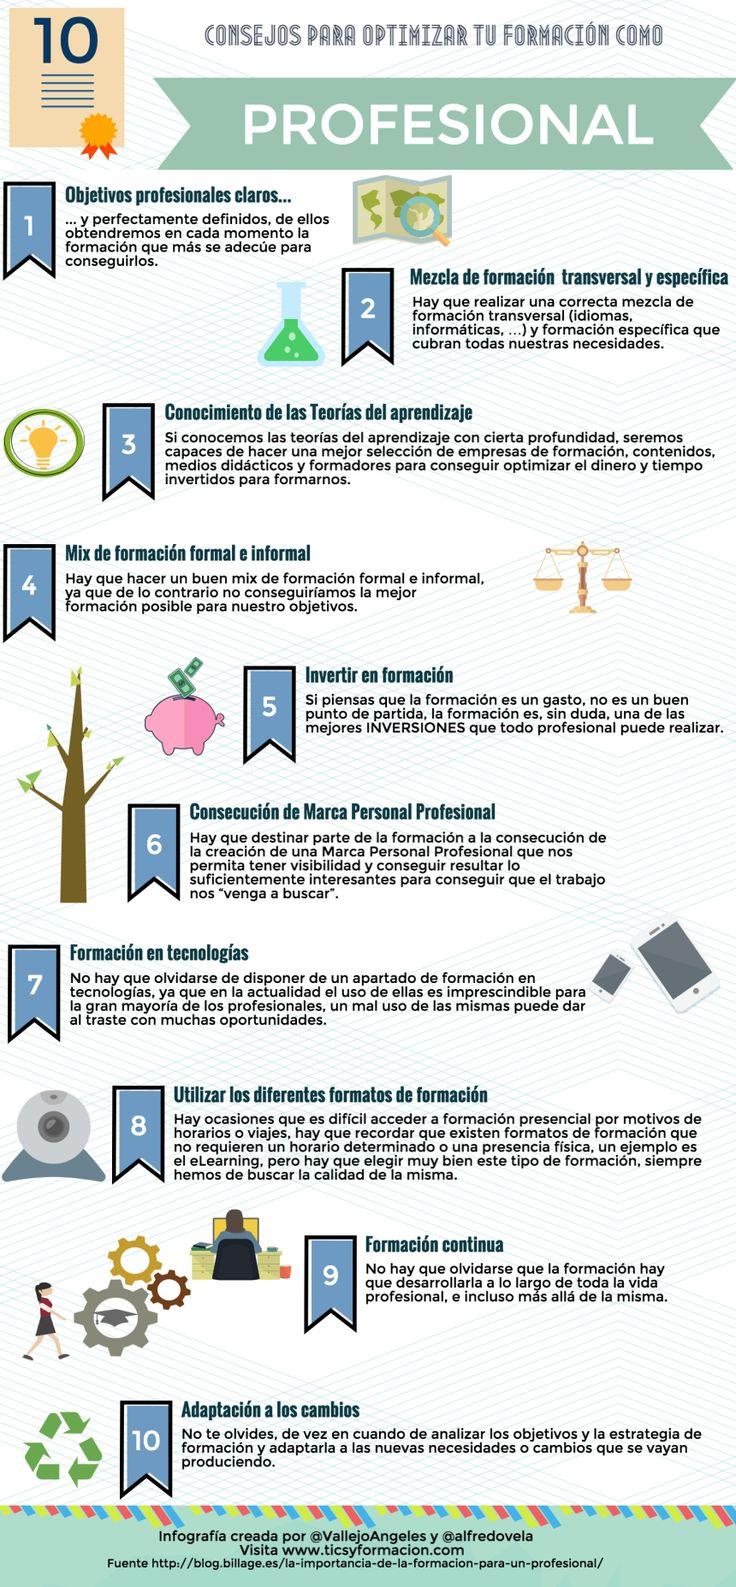 10 consejos para optimizar tu formación como Profesional #infografia #rrhh